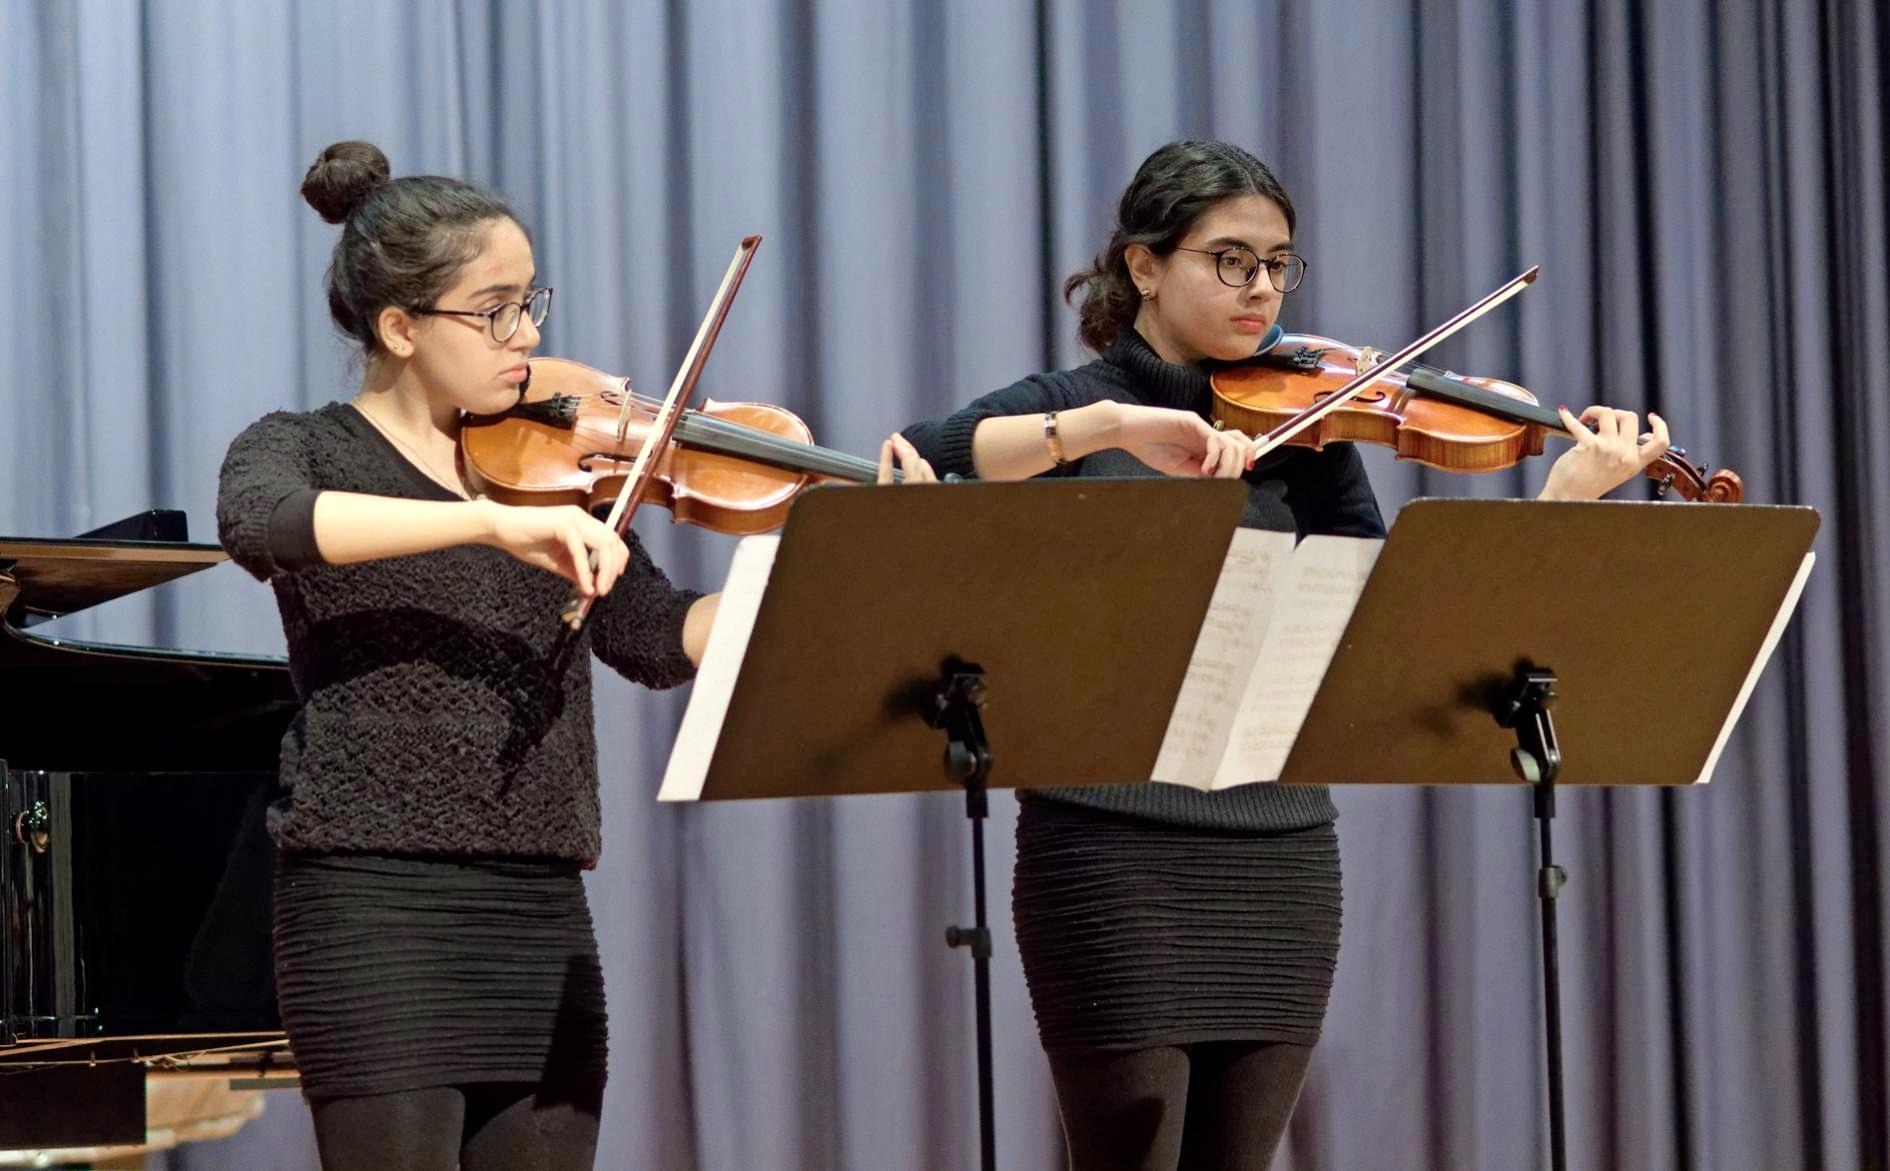 Junge Musiktalente gestalten das beliebte Schülerkonzert im Josef-Lindemann-Saal der Städtischen Musikschule Neckarsulm. Foto: Picasa